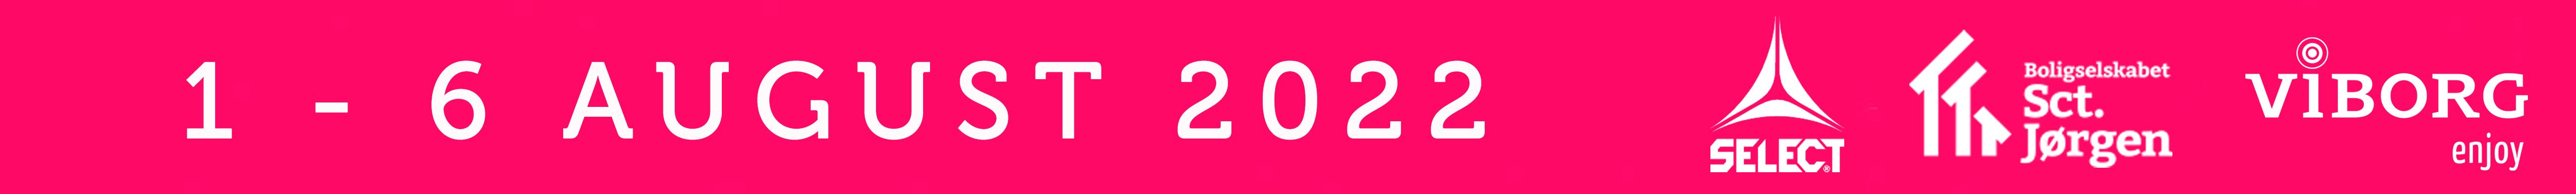 DATOBANNER 2022